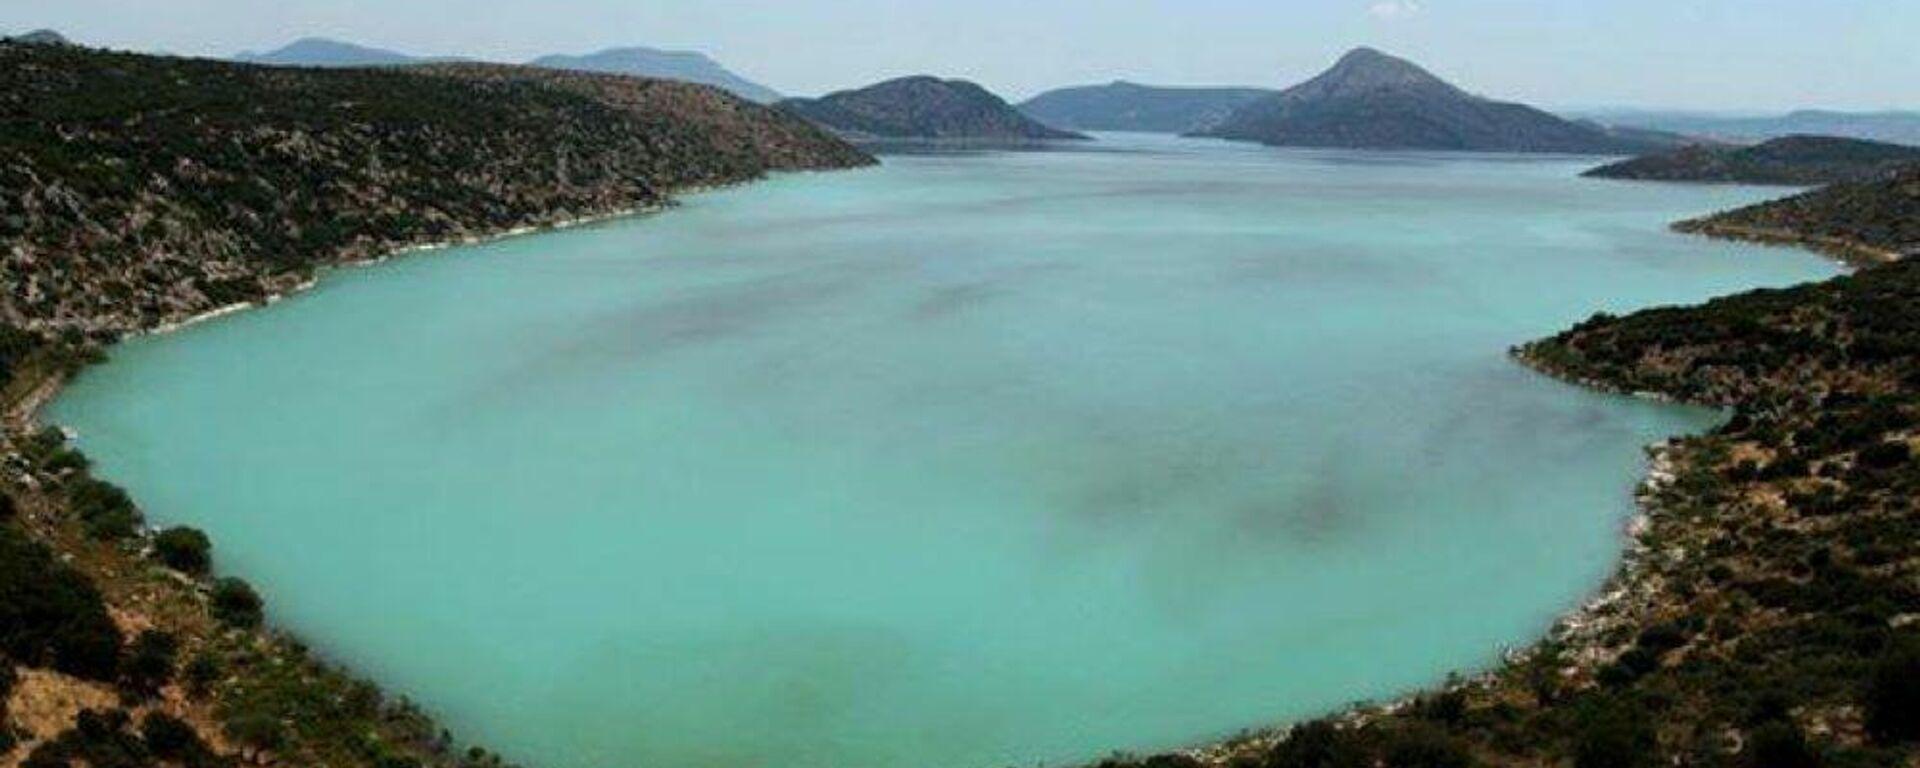 Λίμνη Υλίκη - Sputnik Ελλάδα, 1920, 15.09.2021